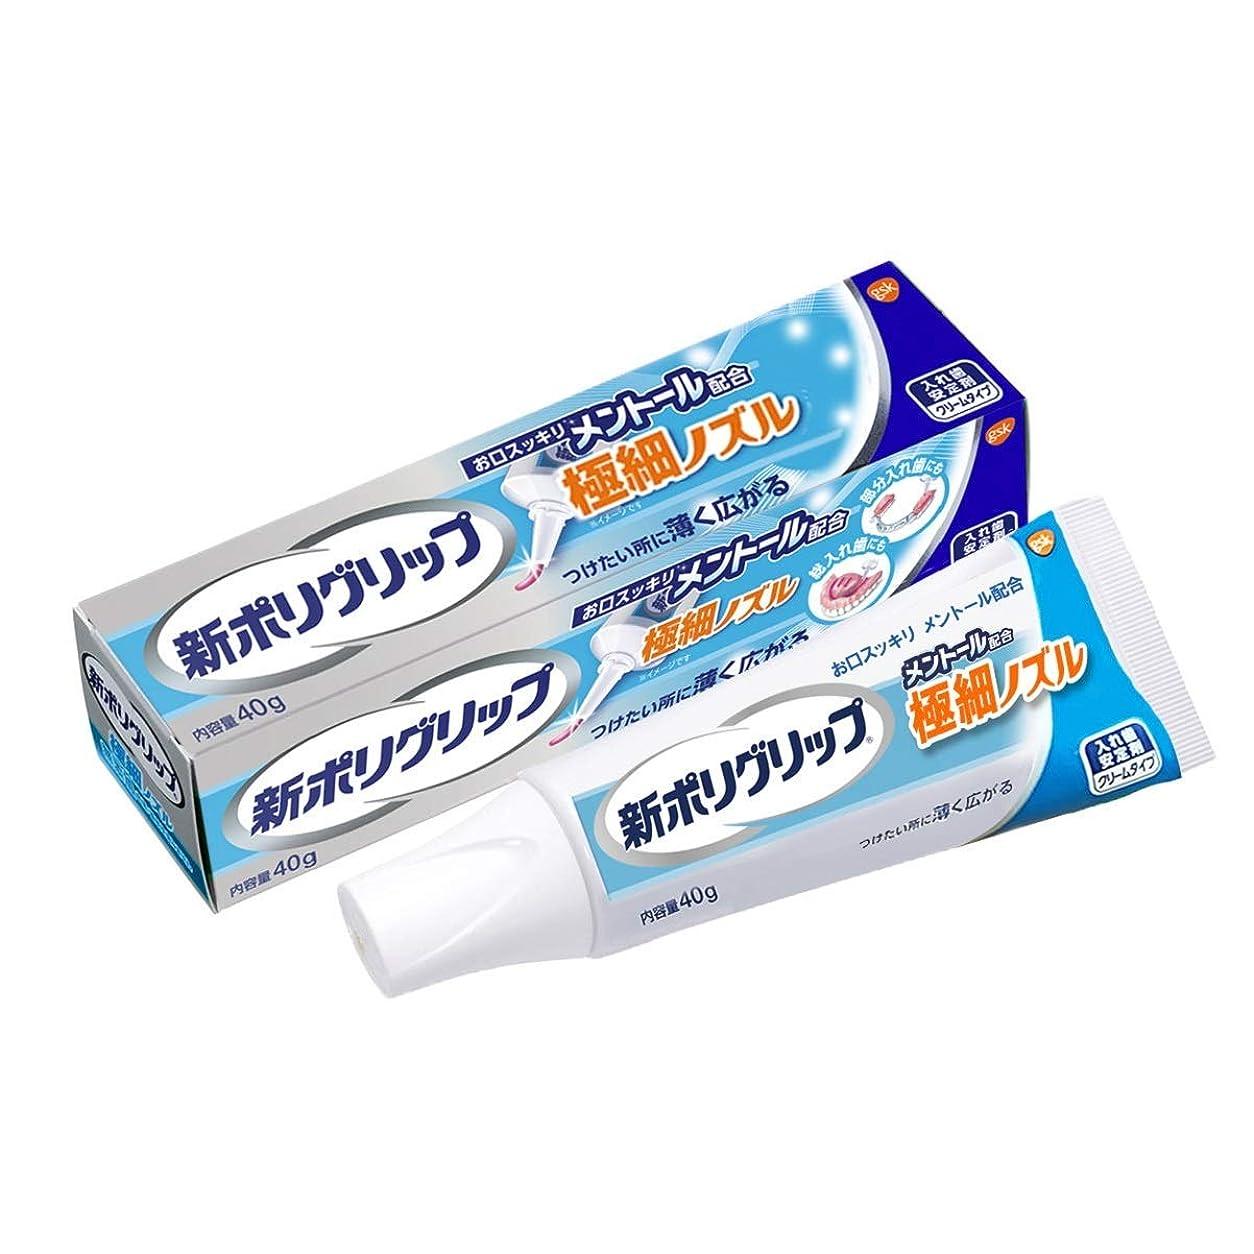 センブランスレギュラーレタス部分?総入れ歯安定剤 新ポリグリップ極細ノズル メントール 40g